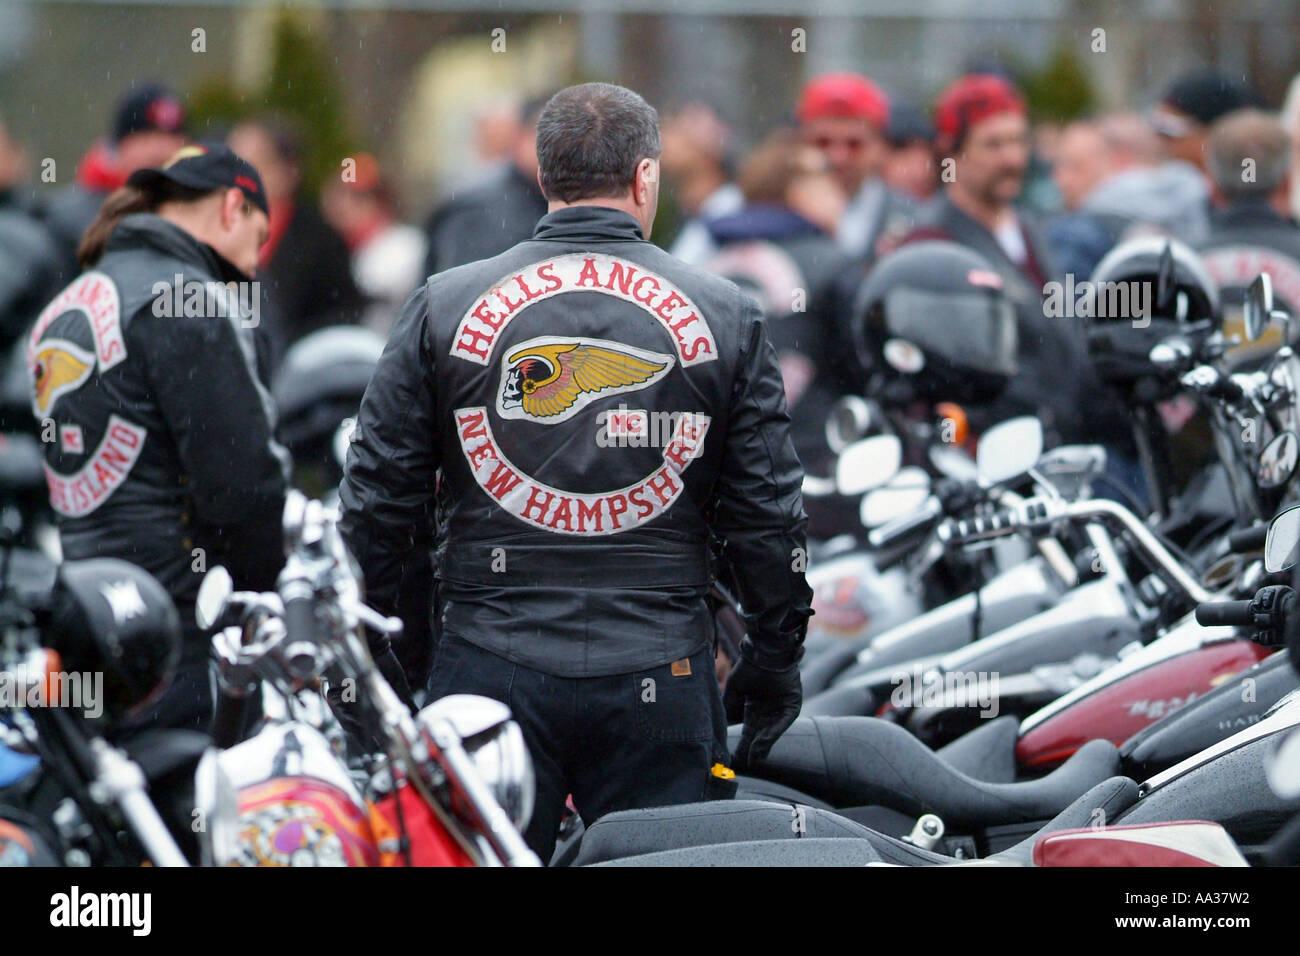 Motorcycle Racing Clubs Uk